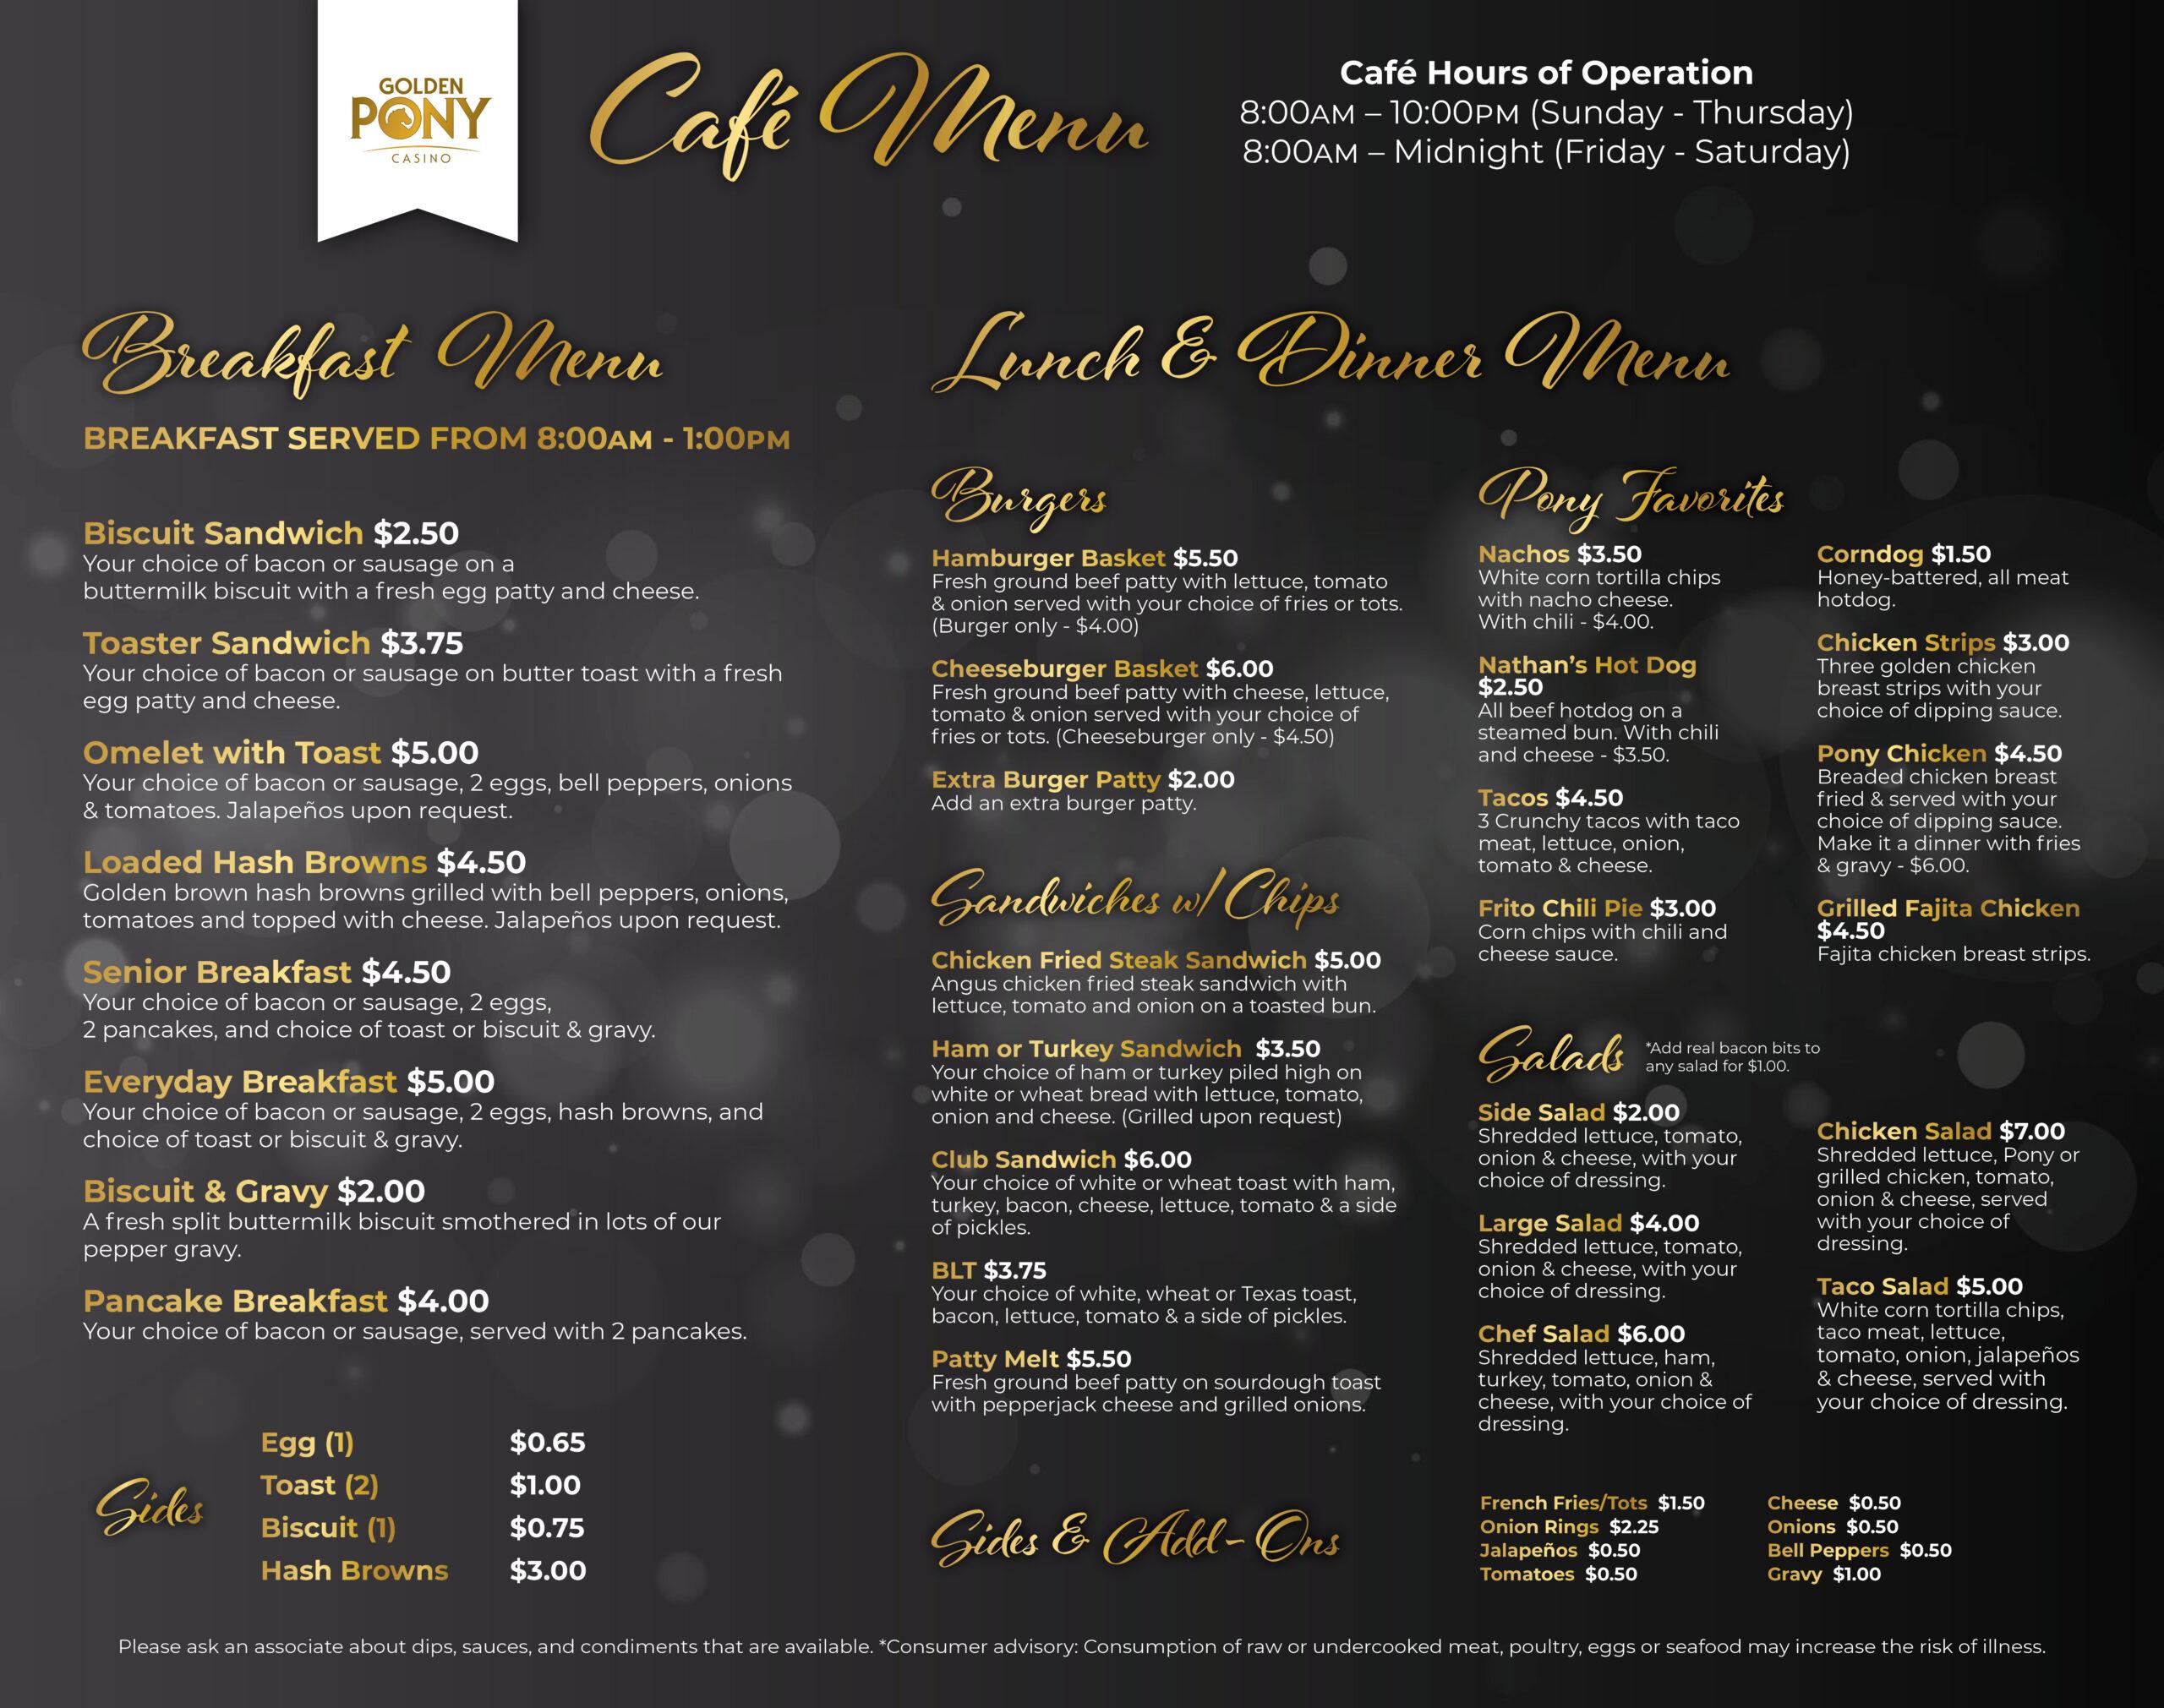 Golden Pony Casino Cafe Menu